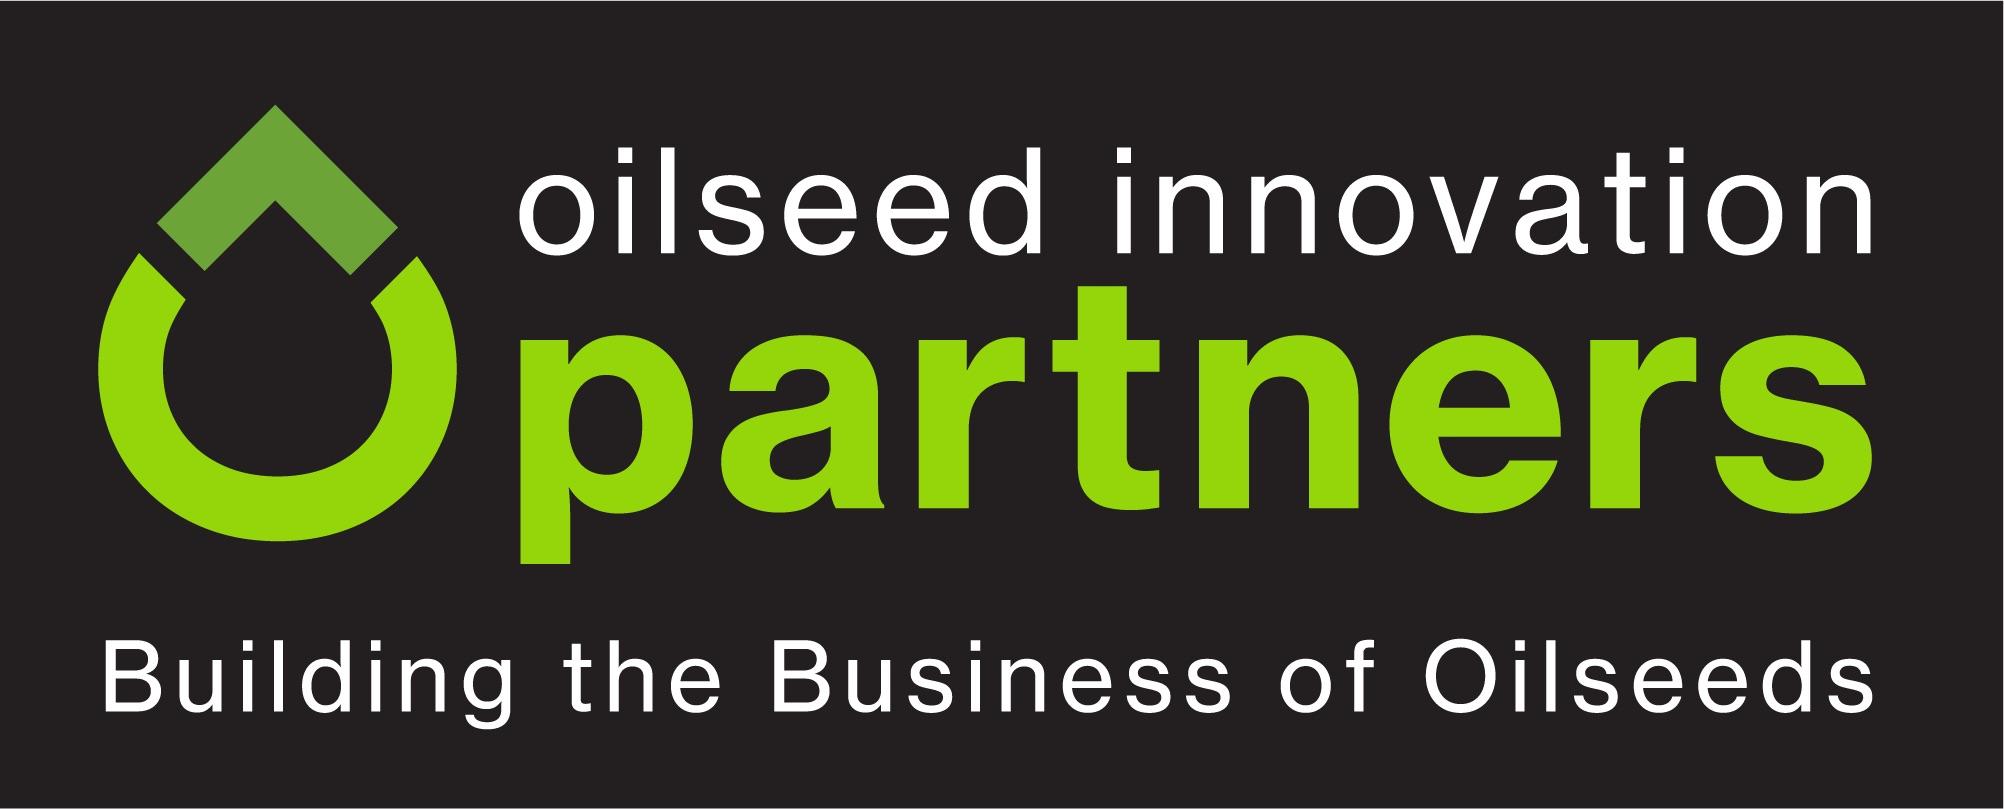 Oilseed Innovation Partners